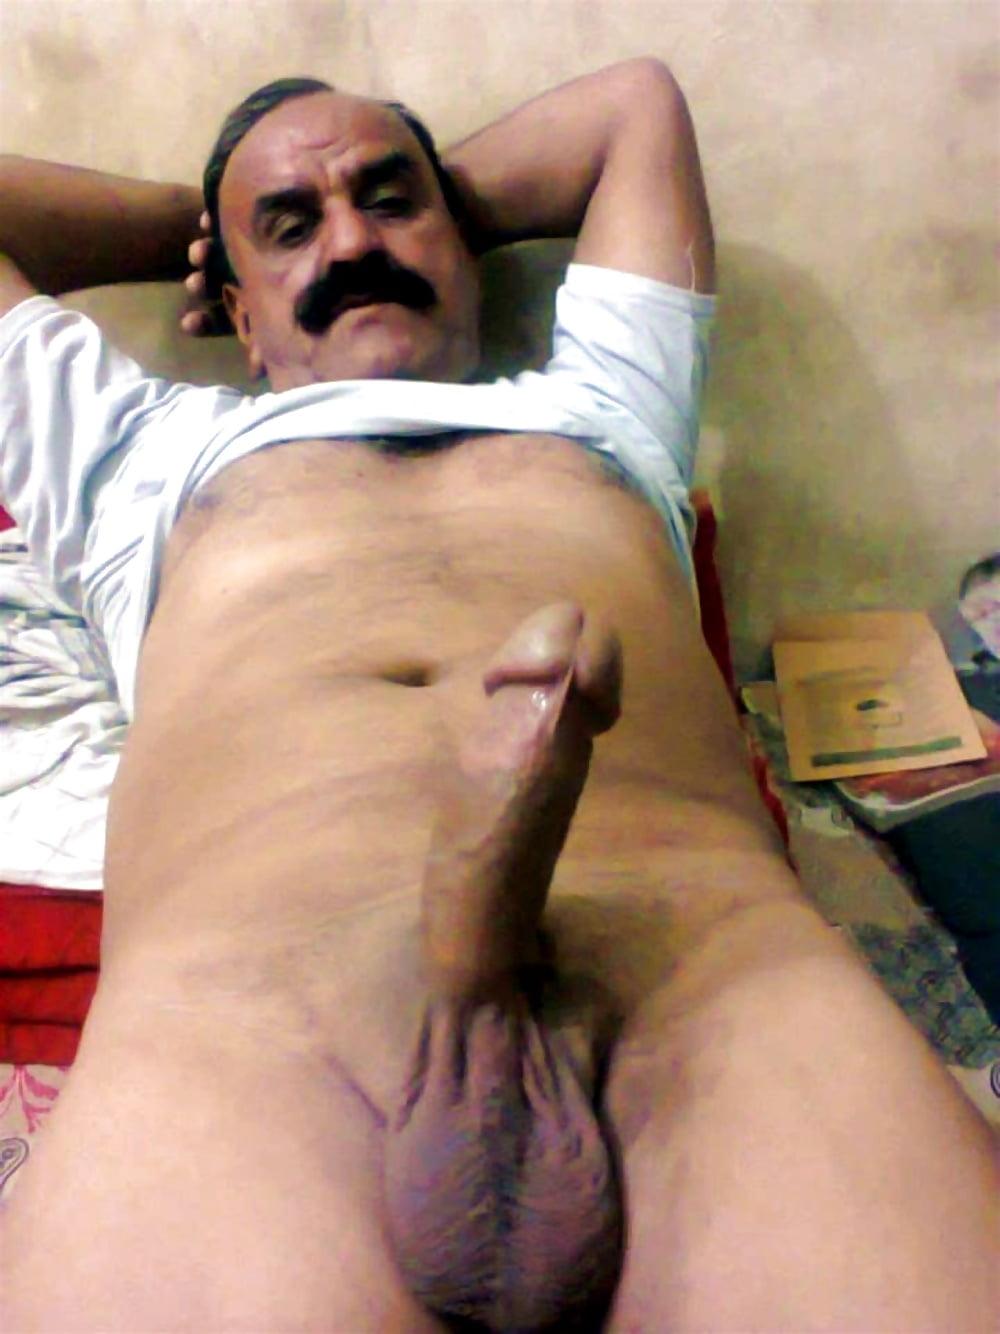 Free arab gay male pics